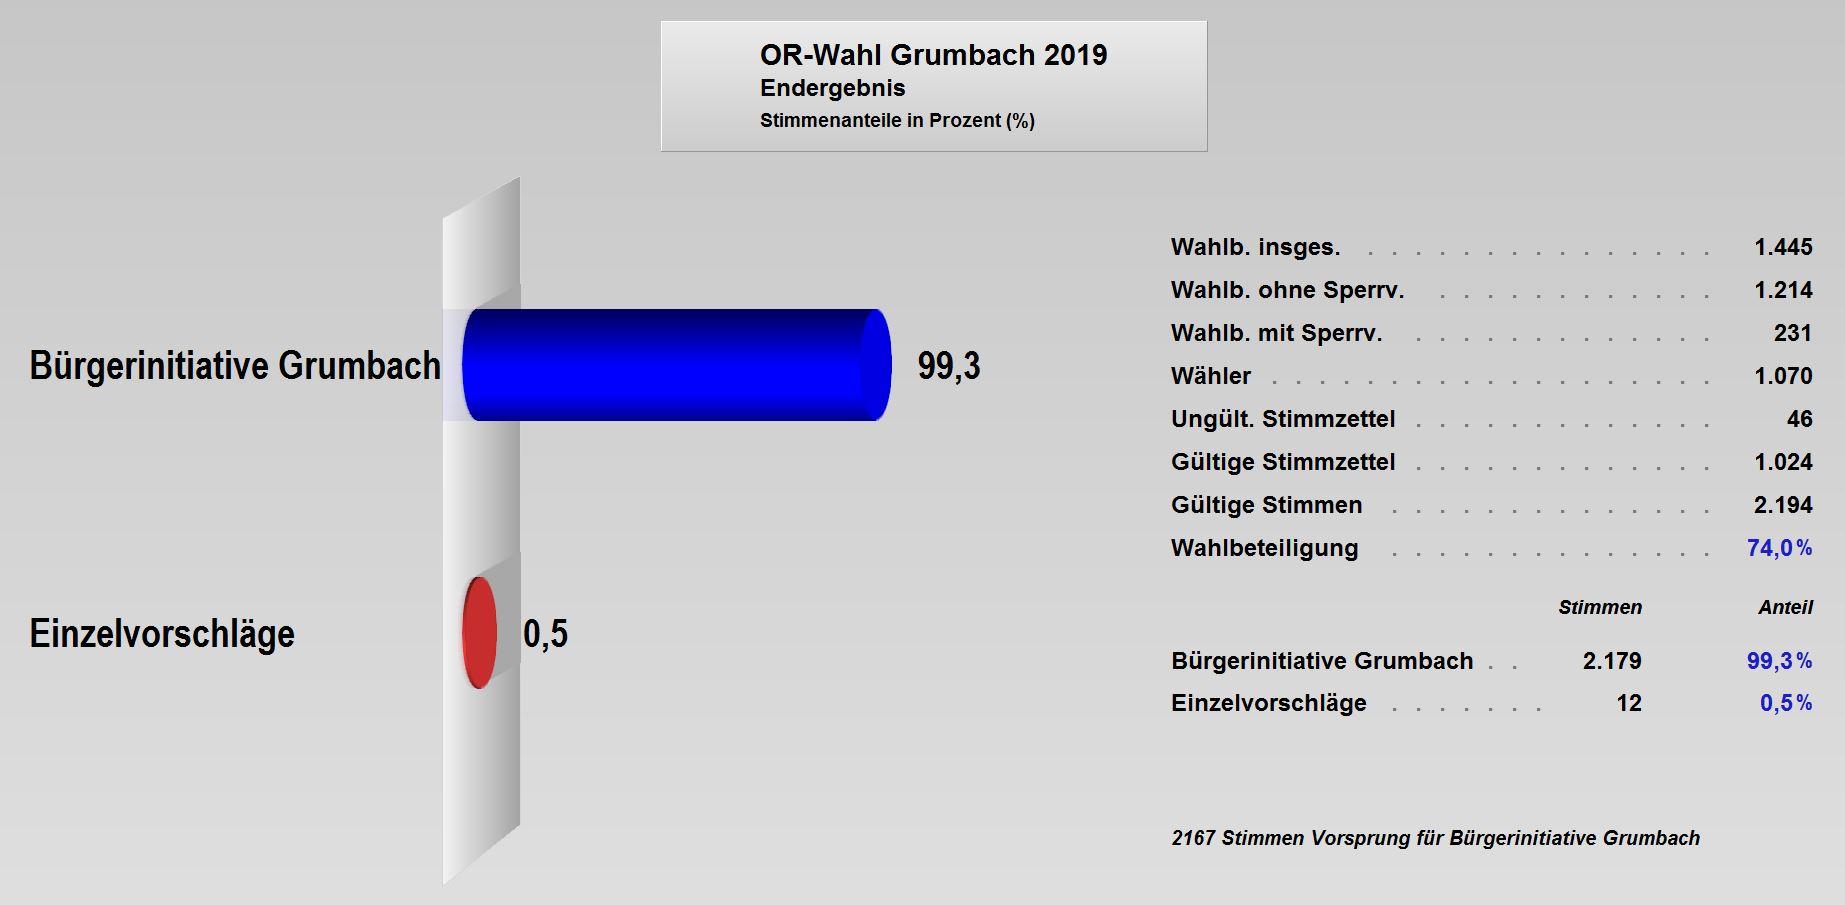 OR-Wahl_2019_Endergebnis Grumbach.JPG